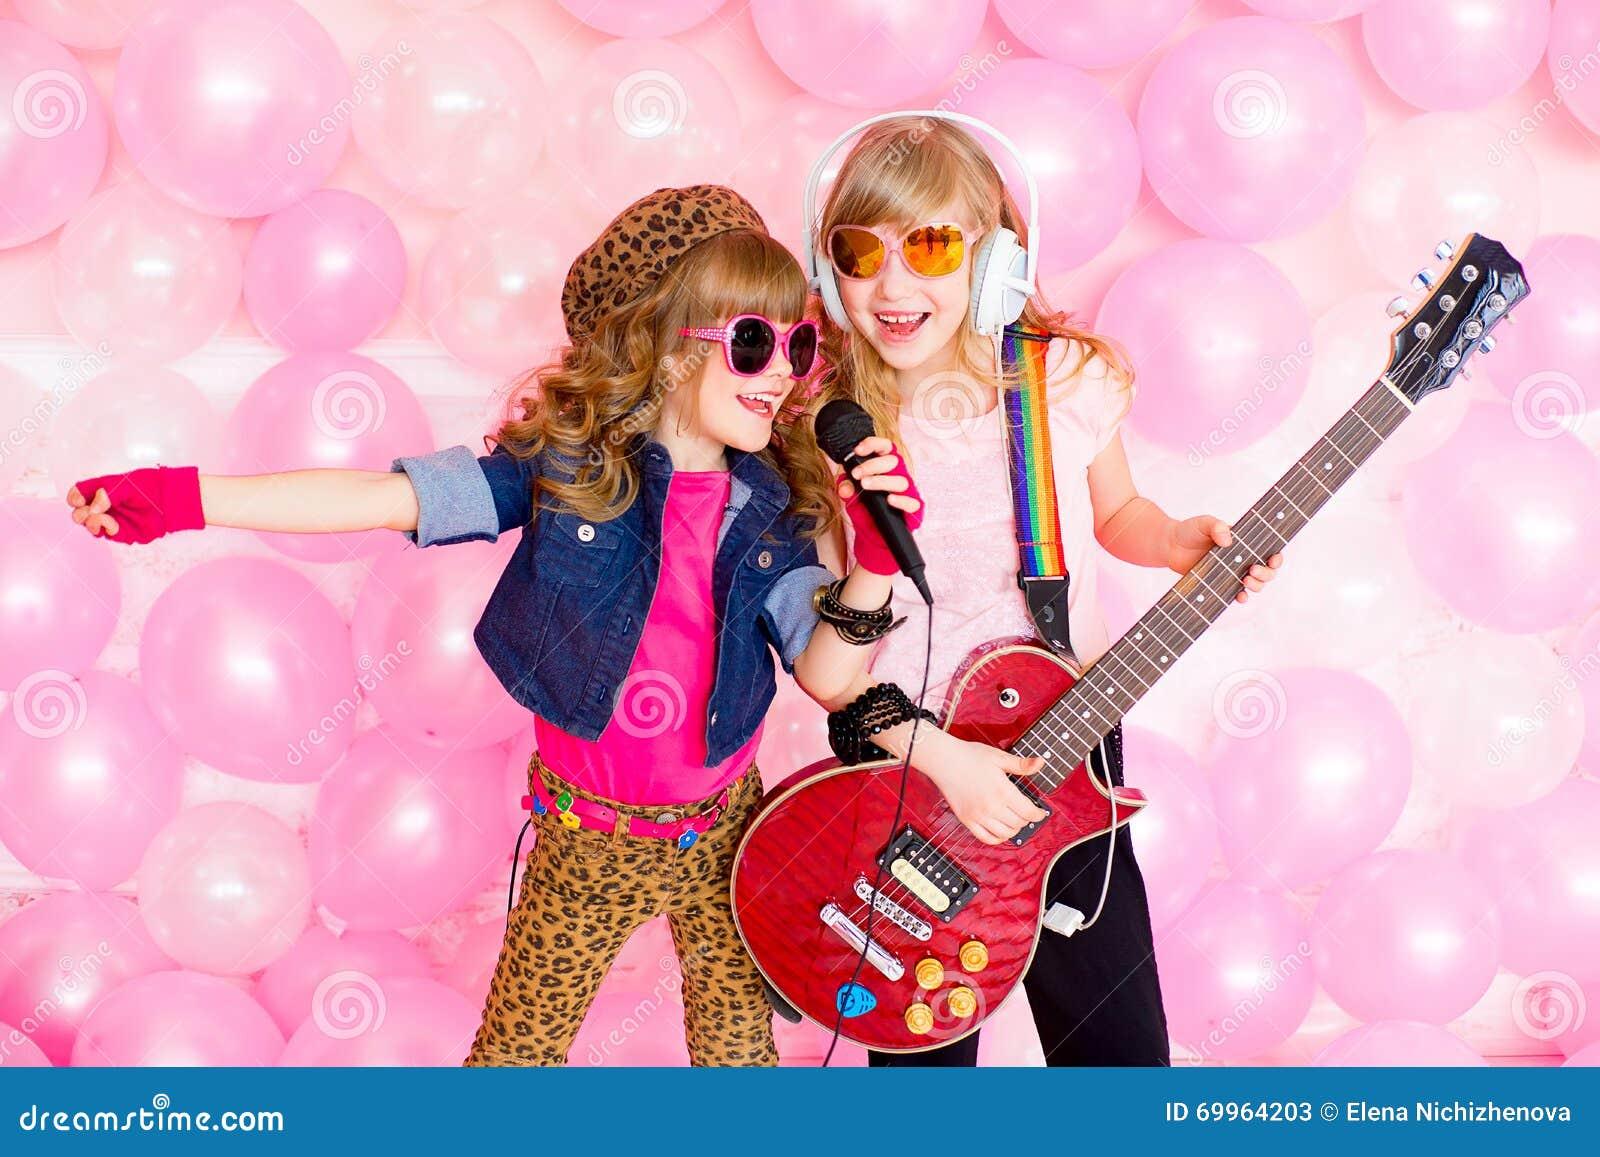 Μικρό κορίτσι δύο με ένα μικρόφωνο